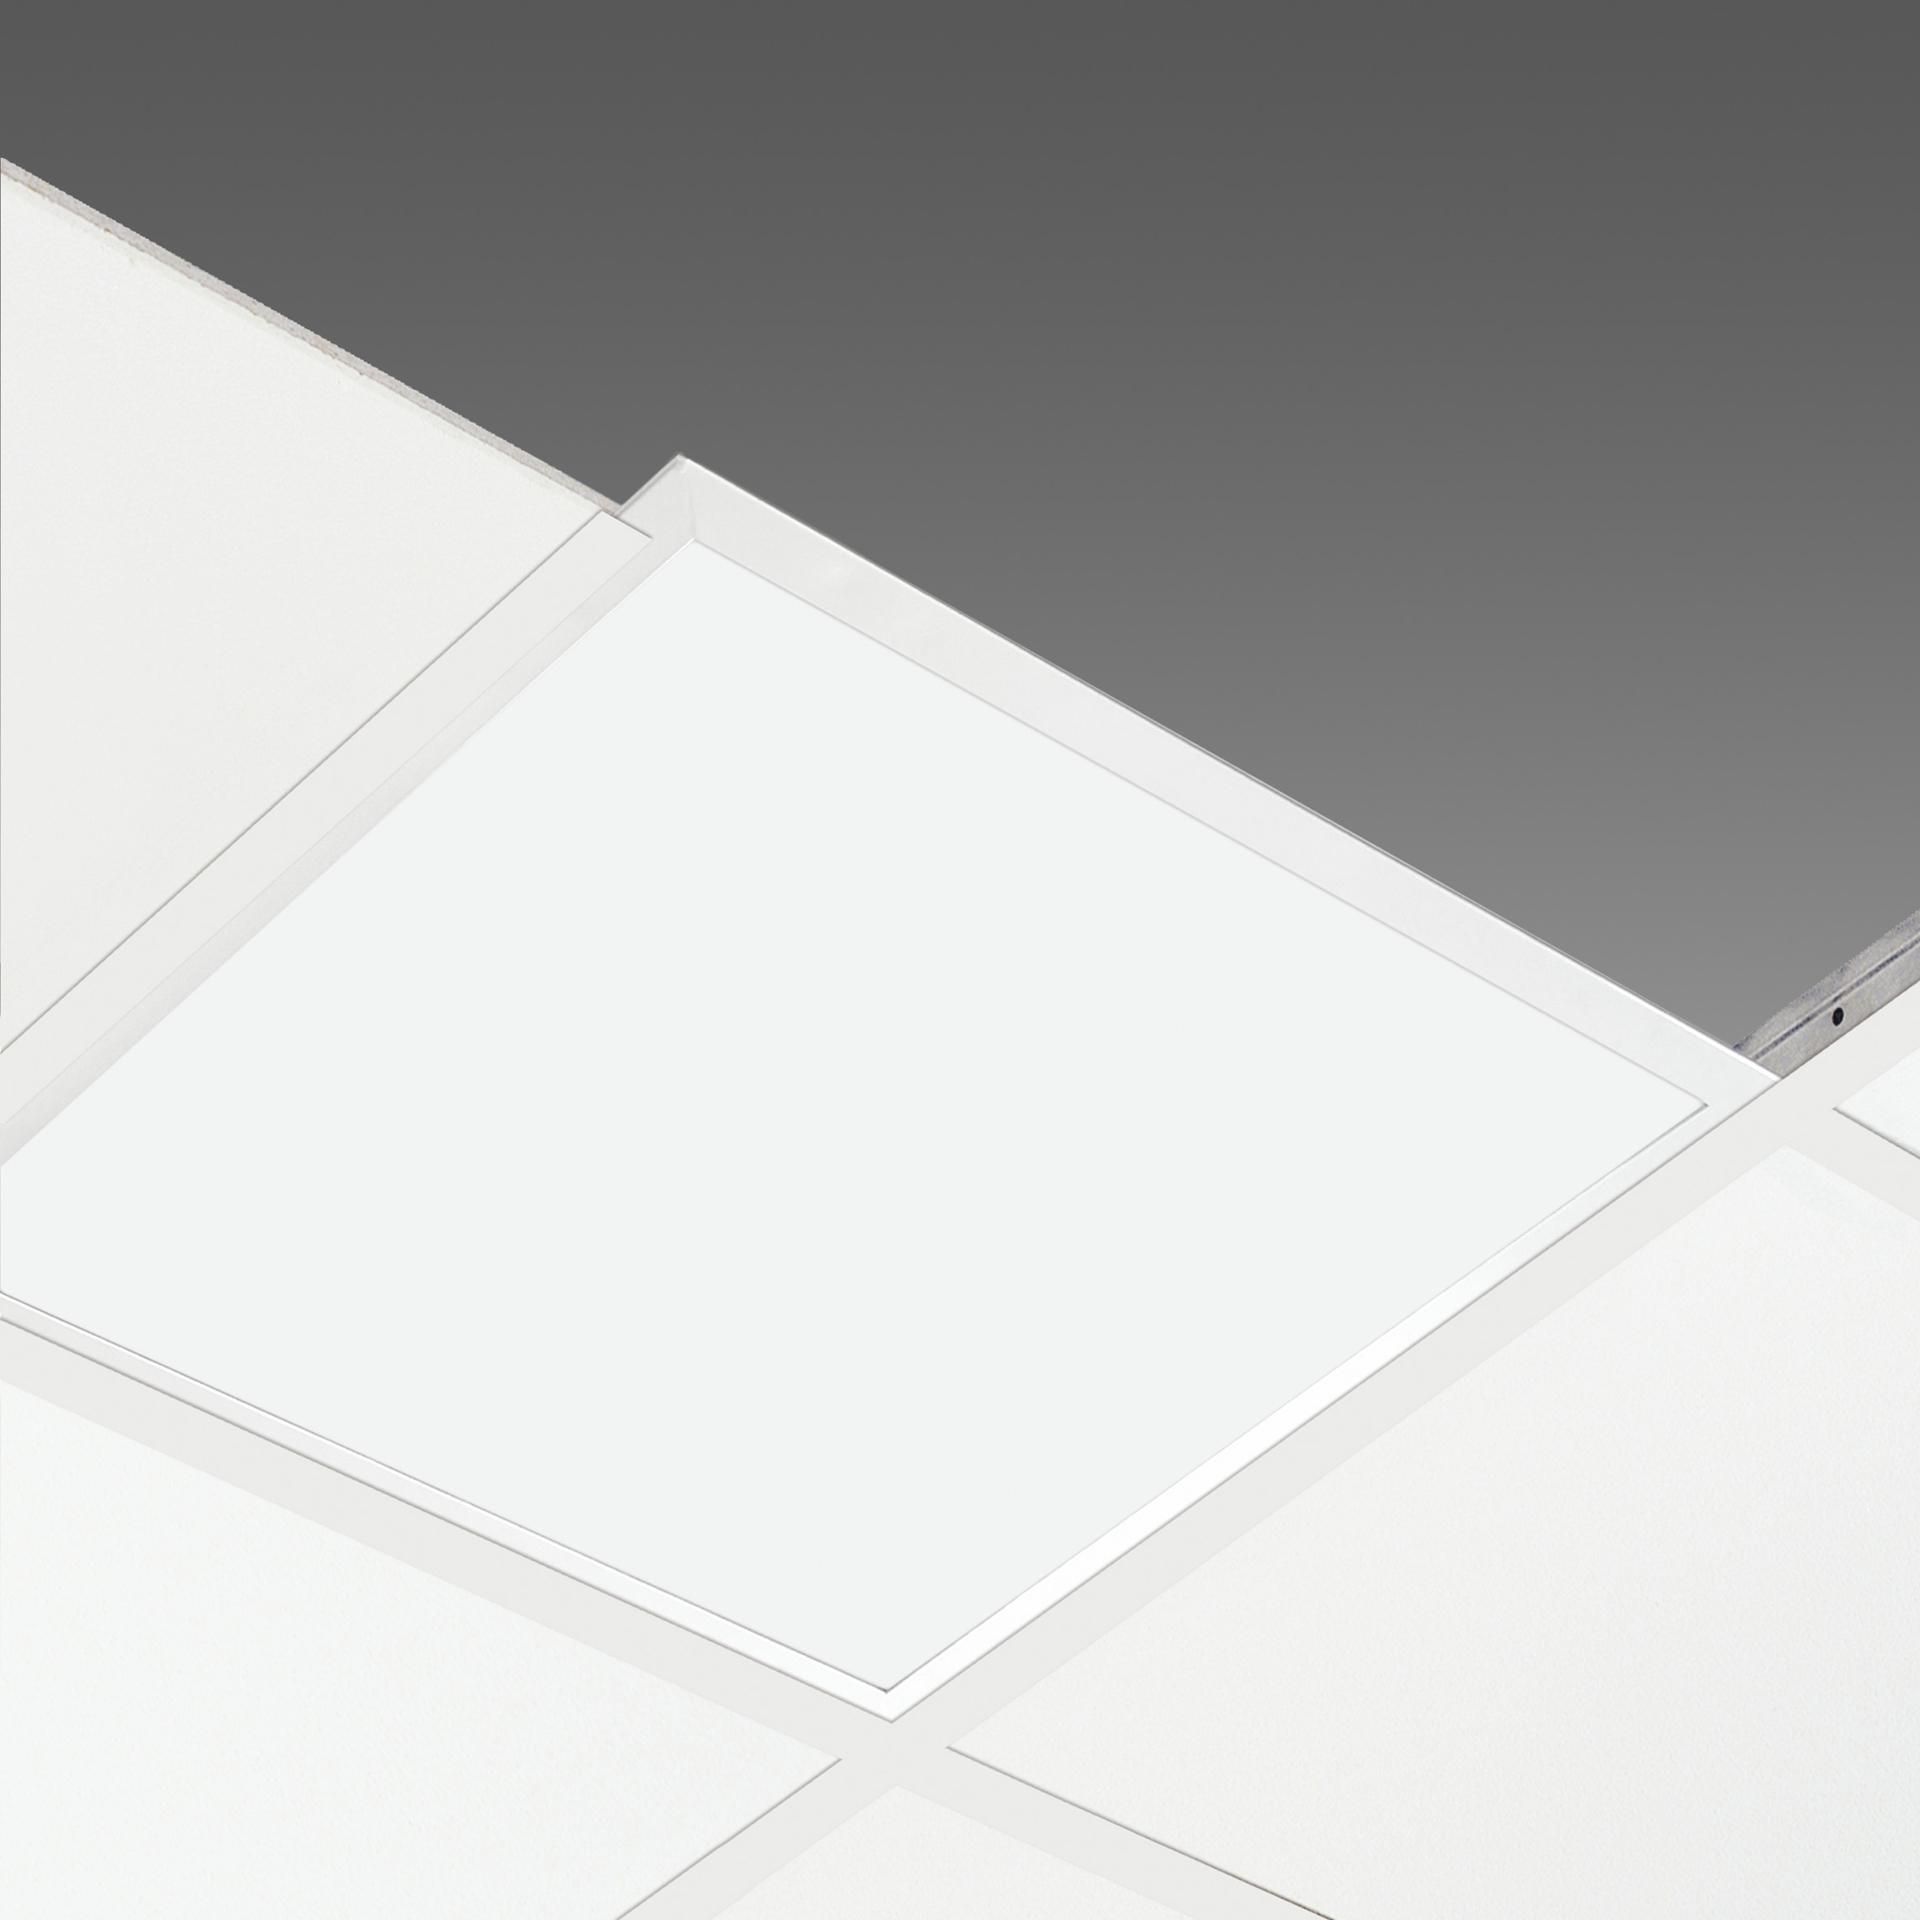 pannello led 60x60 mm bime ingrosso e dettaglio